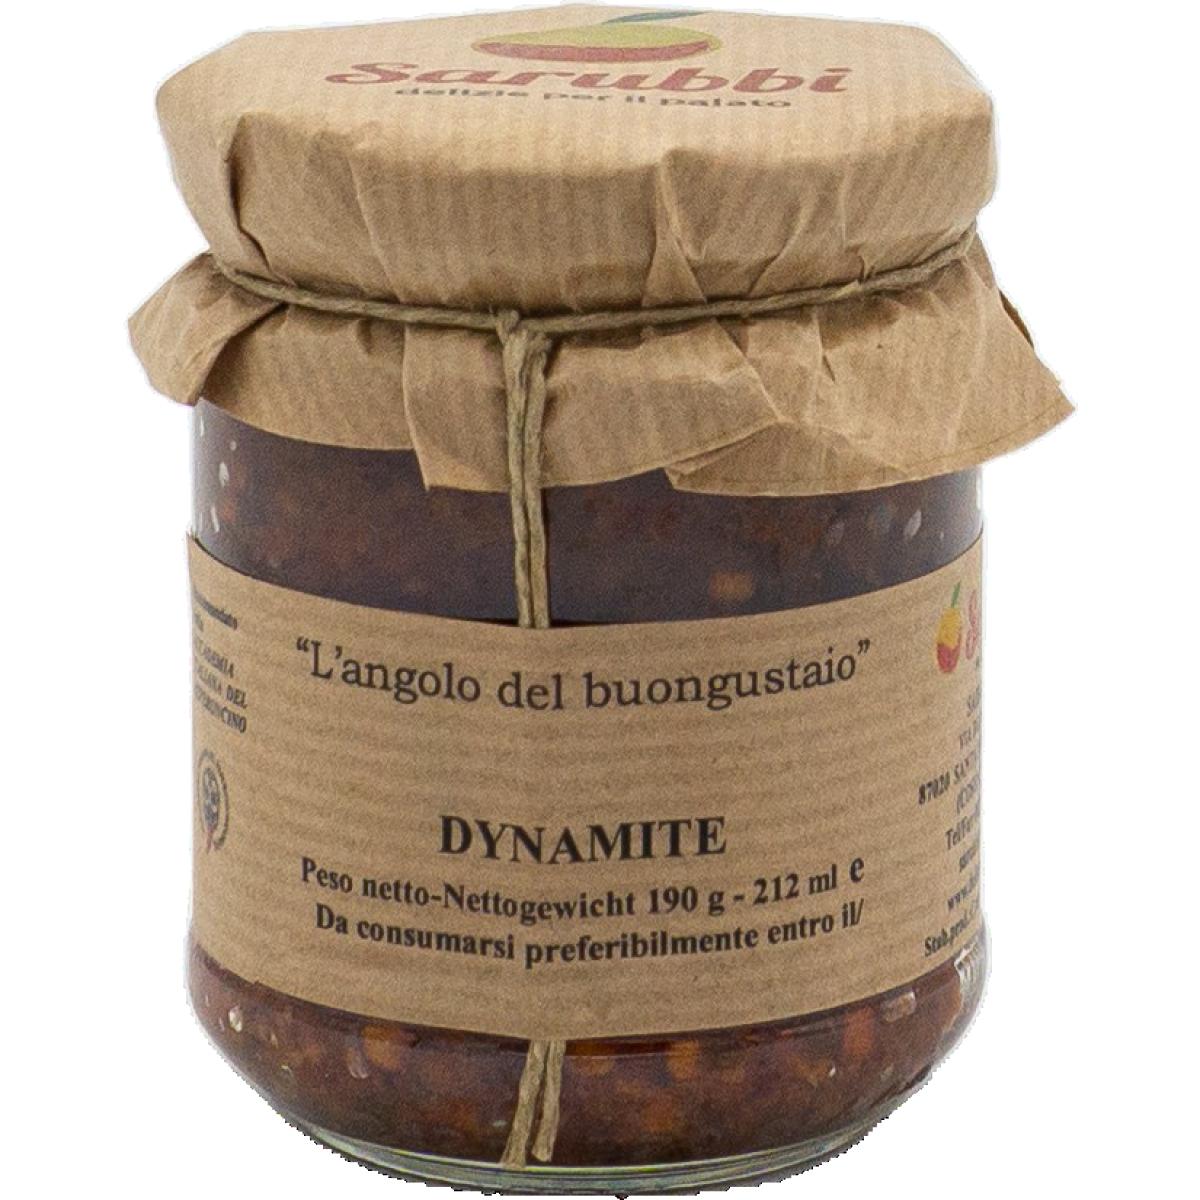 Paste Dynamite, PIK 8